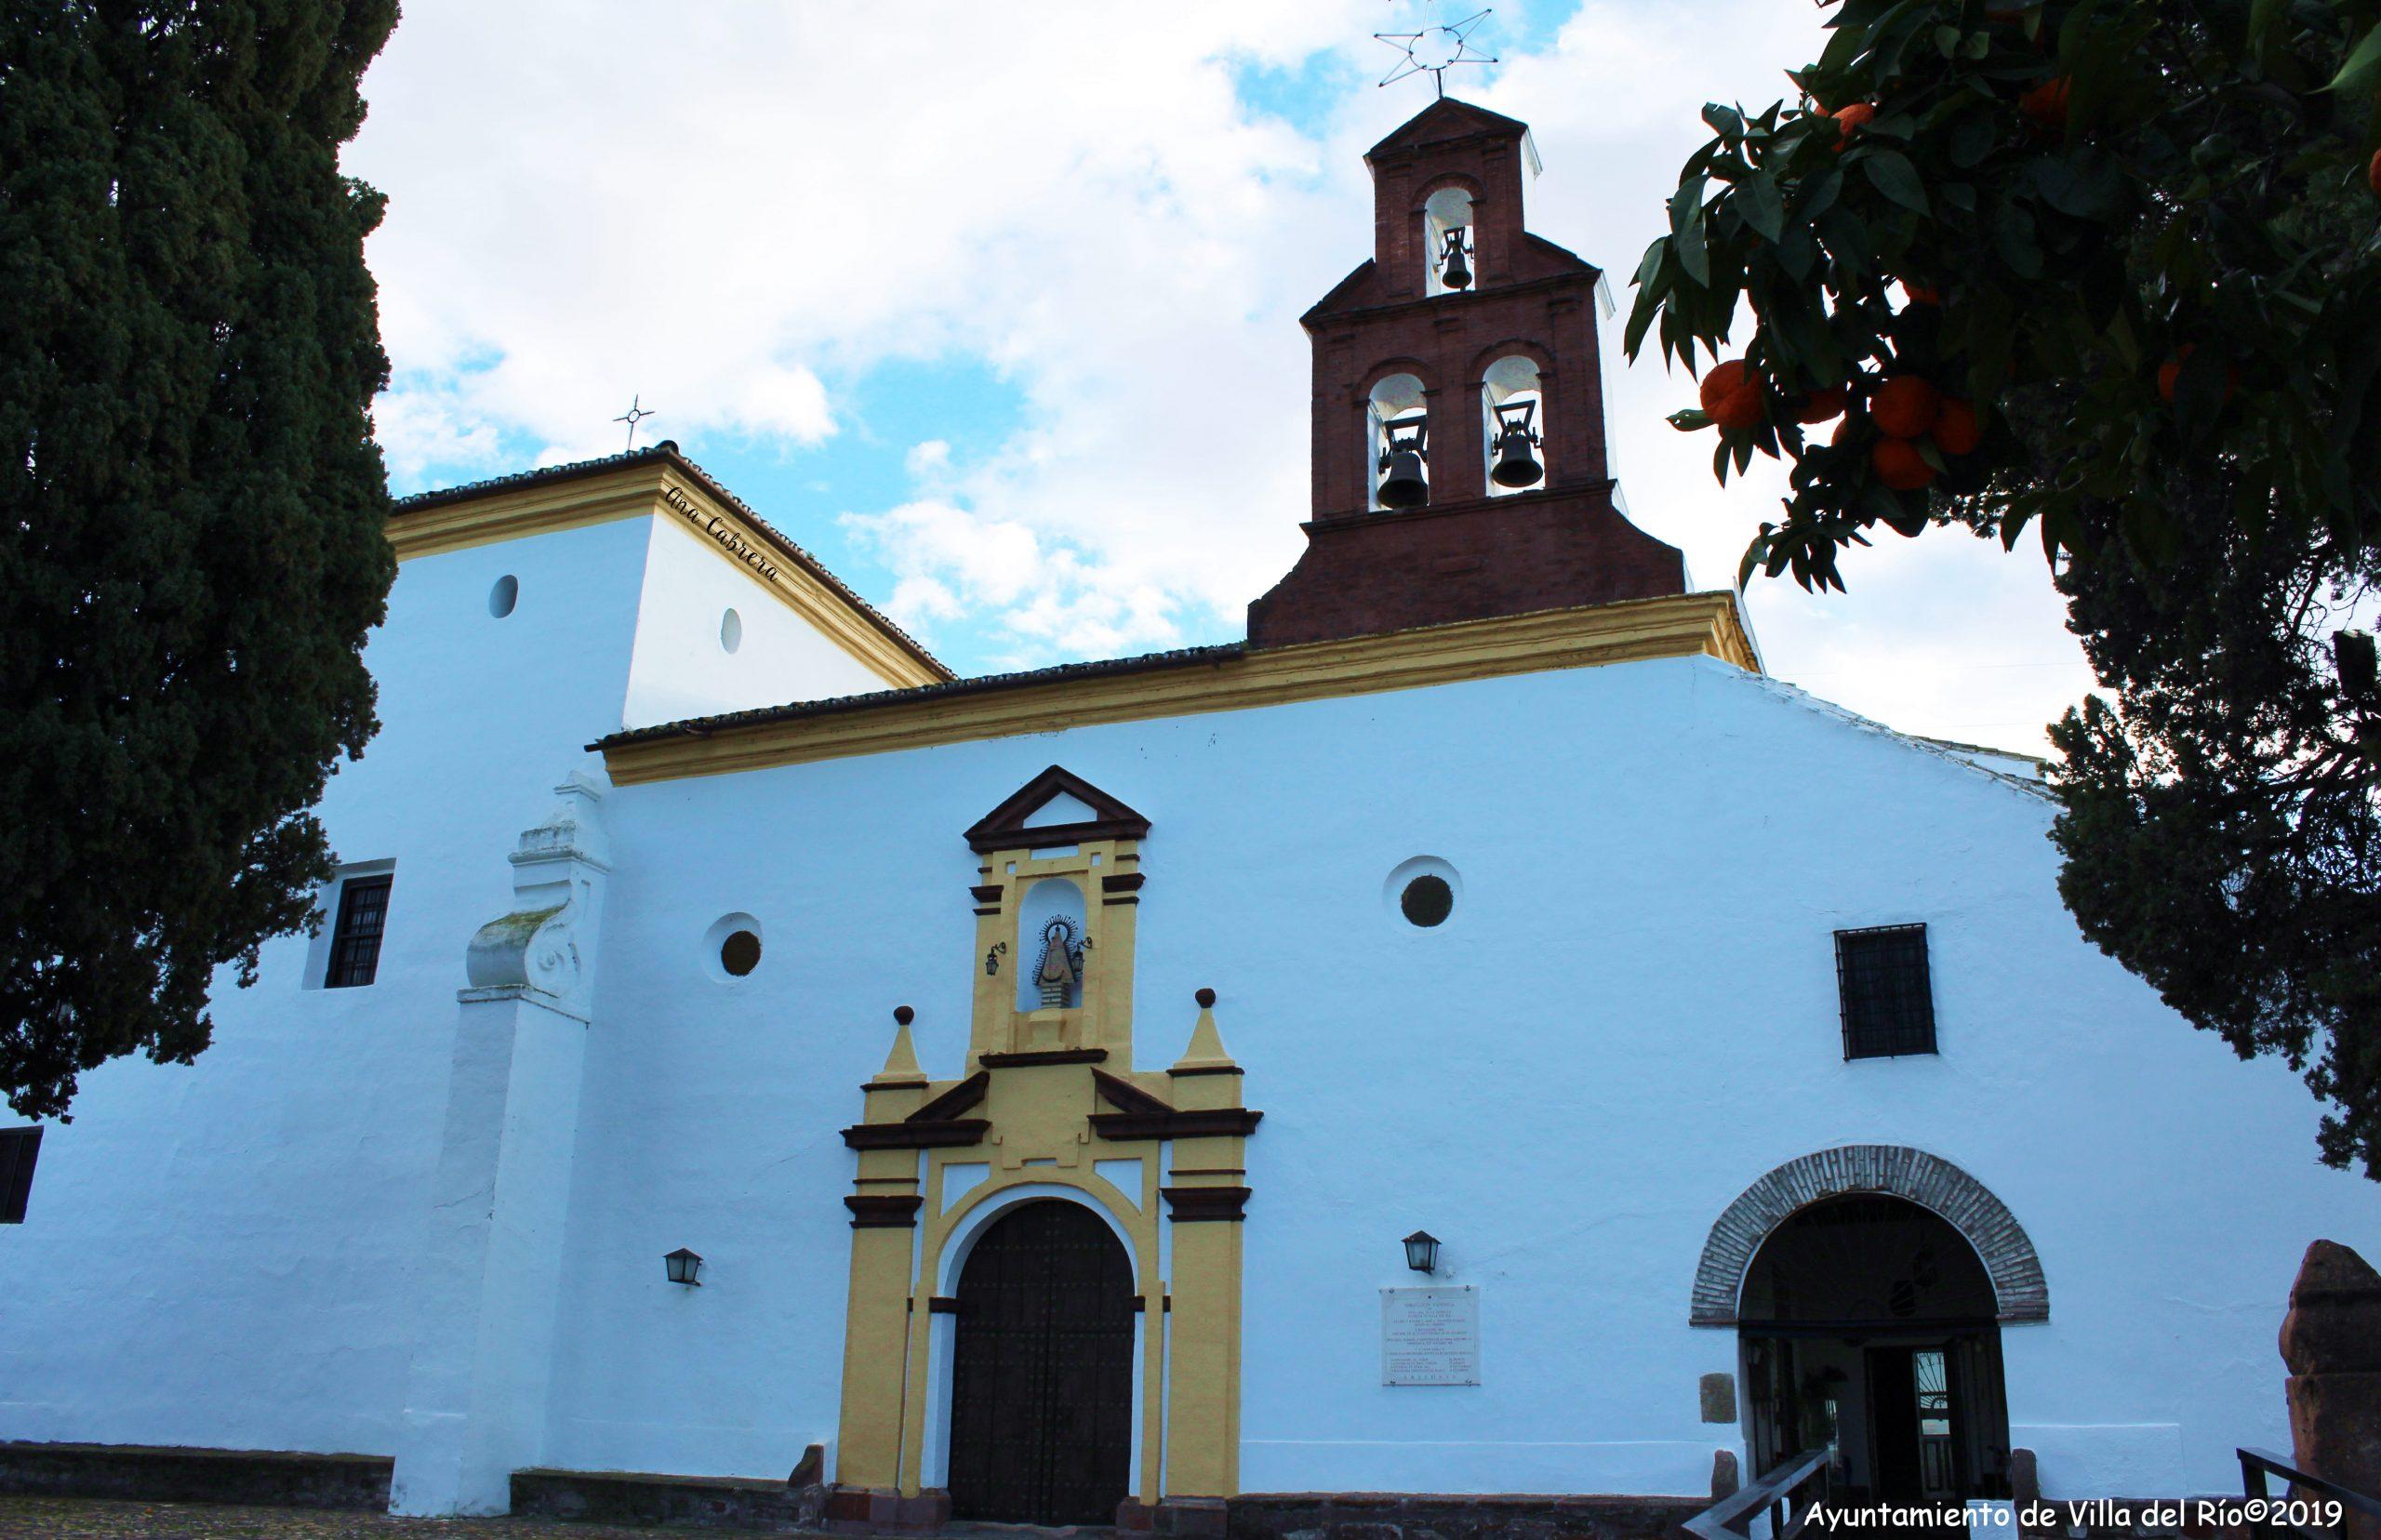 El templo presenta una arquitectura sencilla, de una sola nave, con portada dieciochesca de decoración geométrica y espadaña